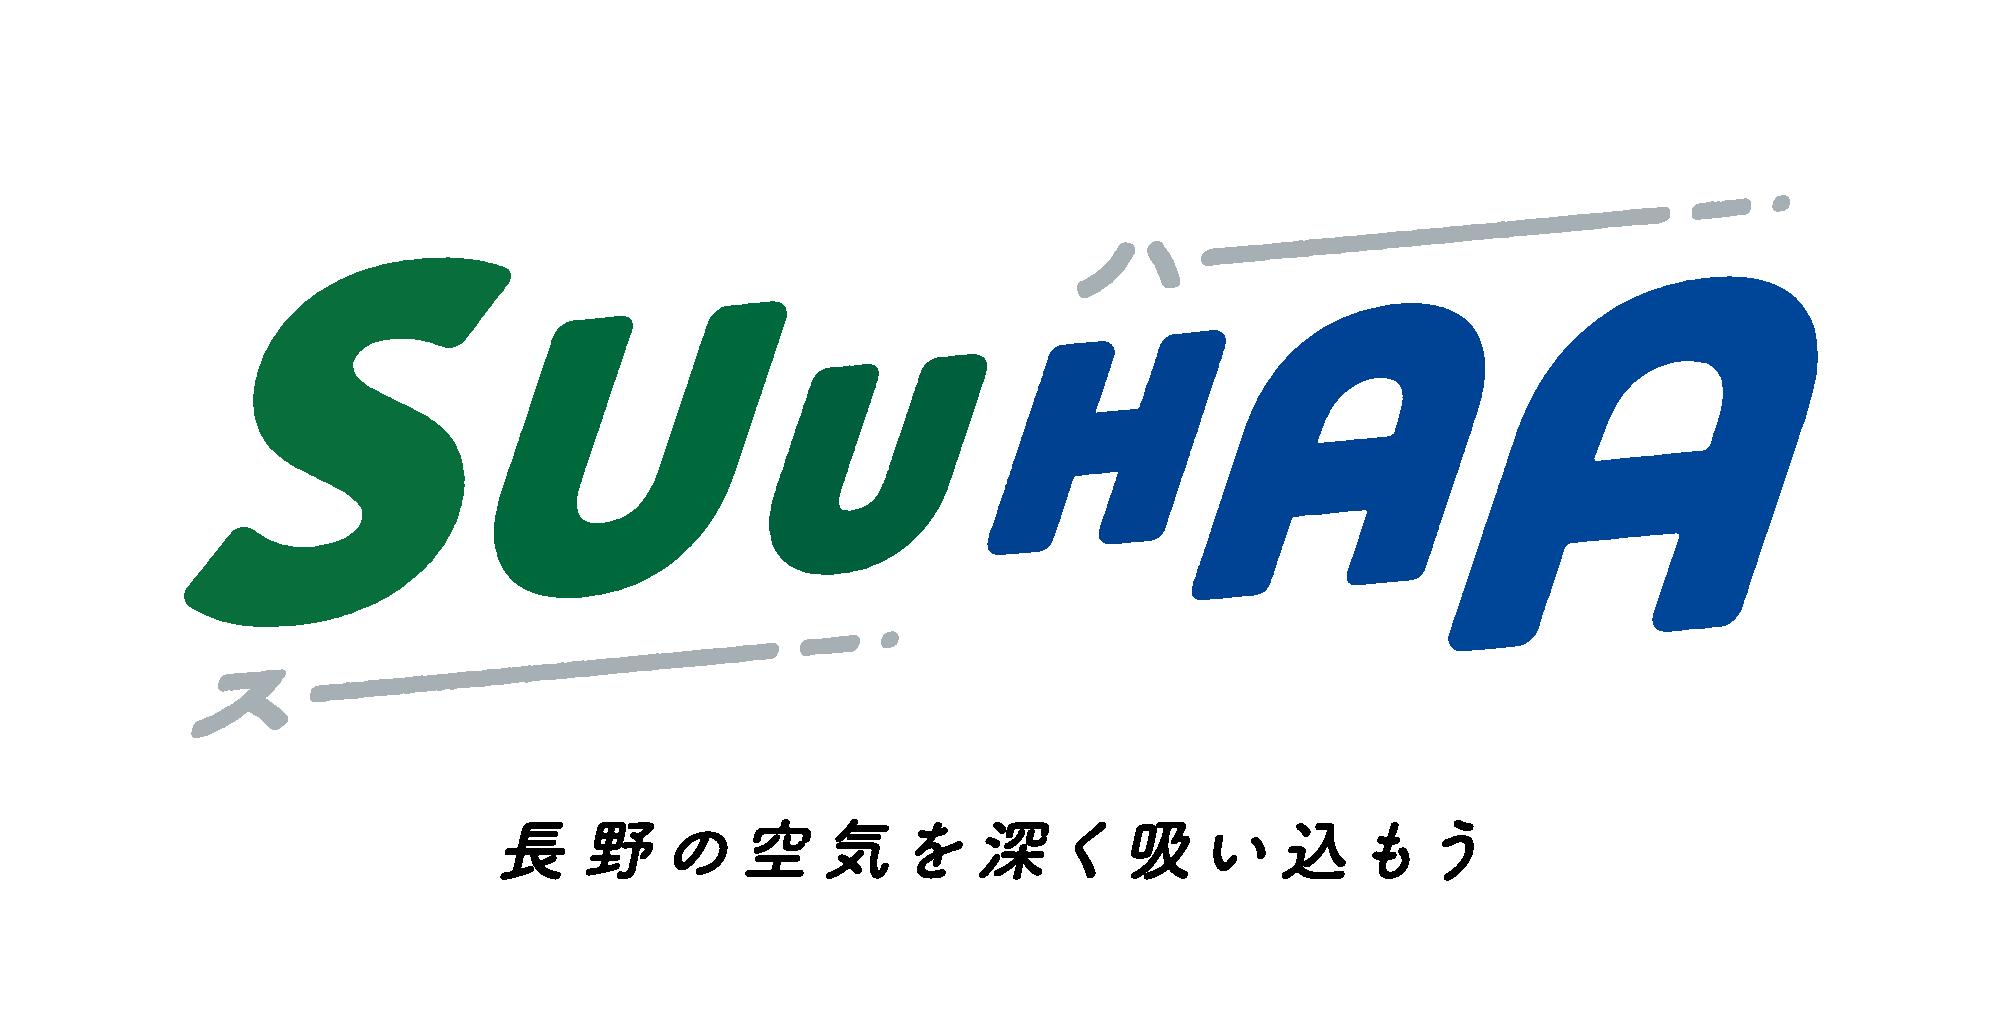 SUUHAA